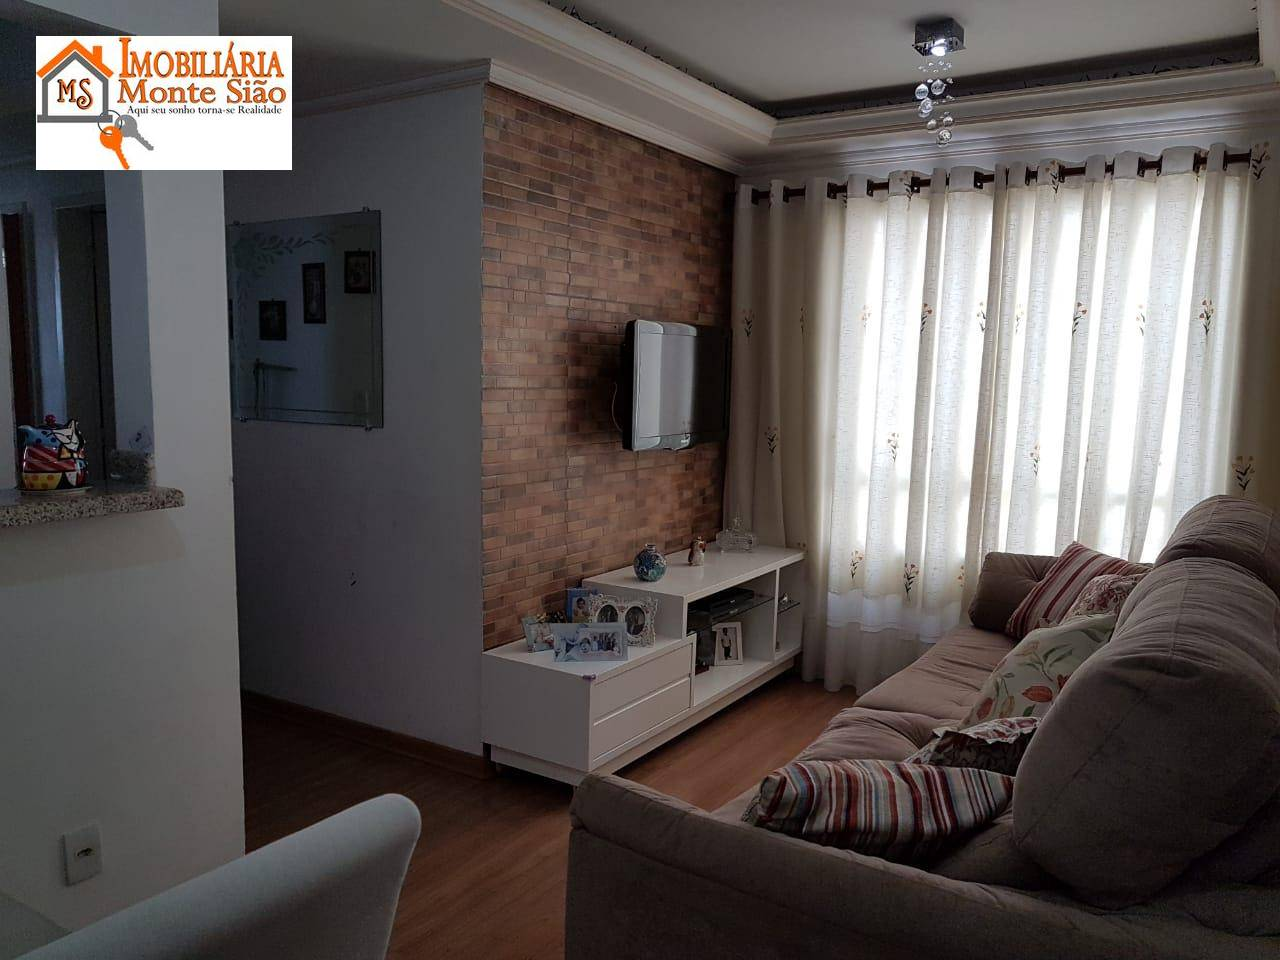 Apartamento com 2 dormitórios à venda, 50 m² por R$ 200.000,00 - Bonsucesso - Guarulhos/SP